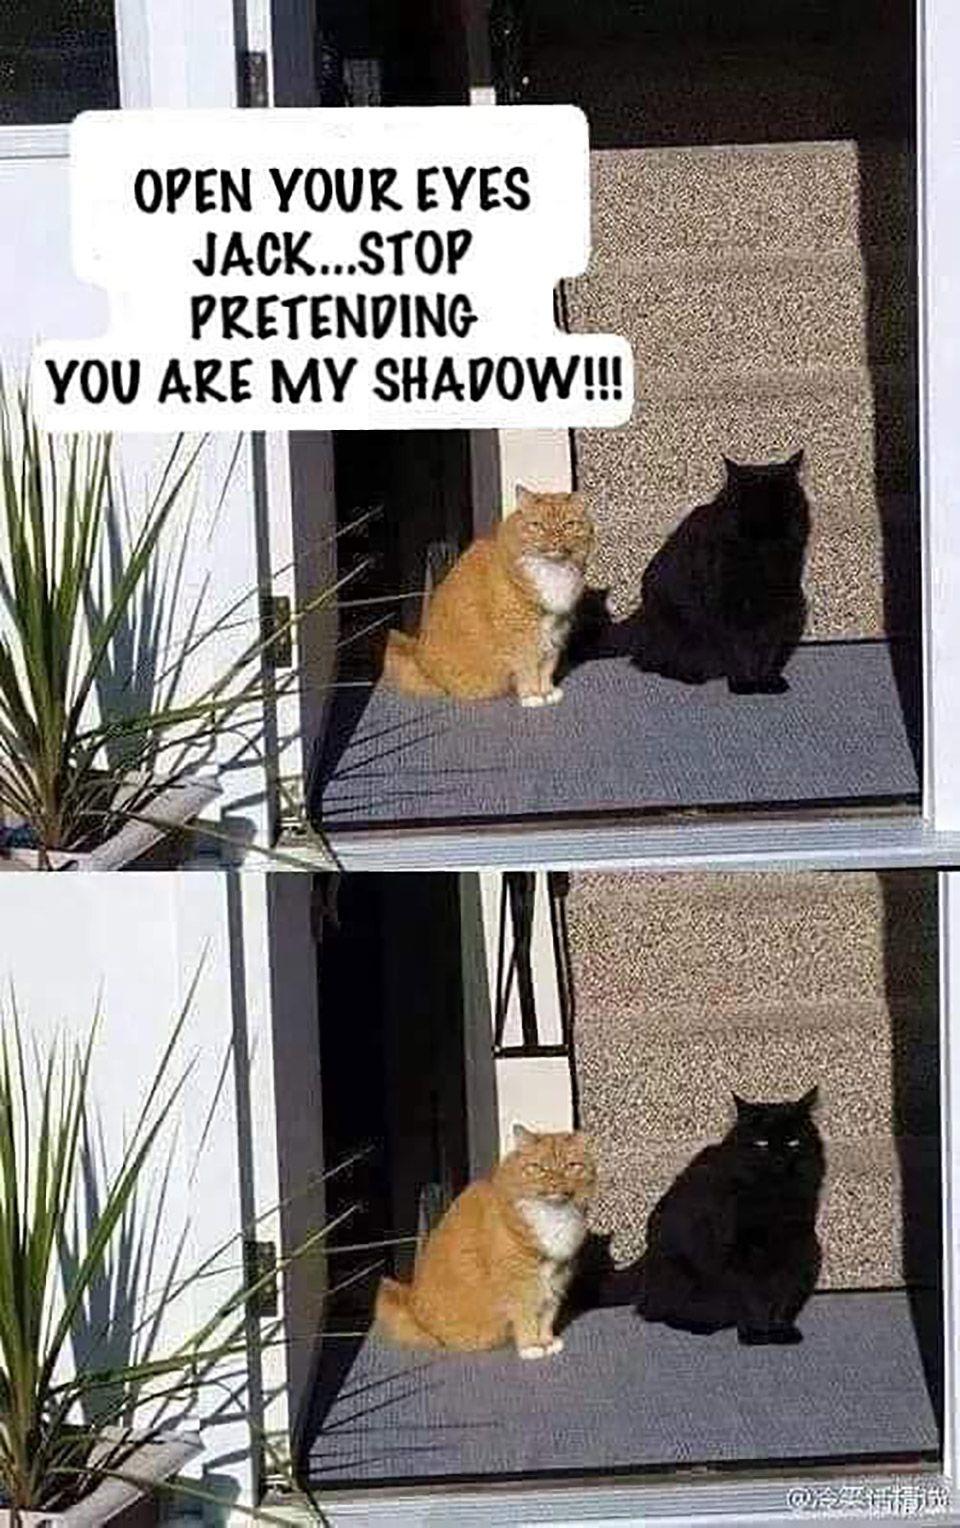 Stop pretending to be my shadow cat #babyanimals